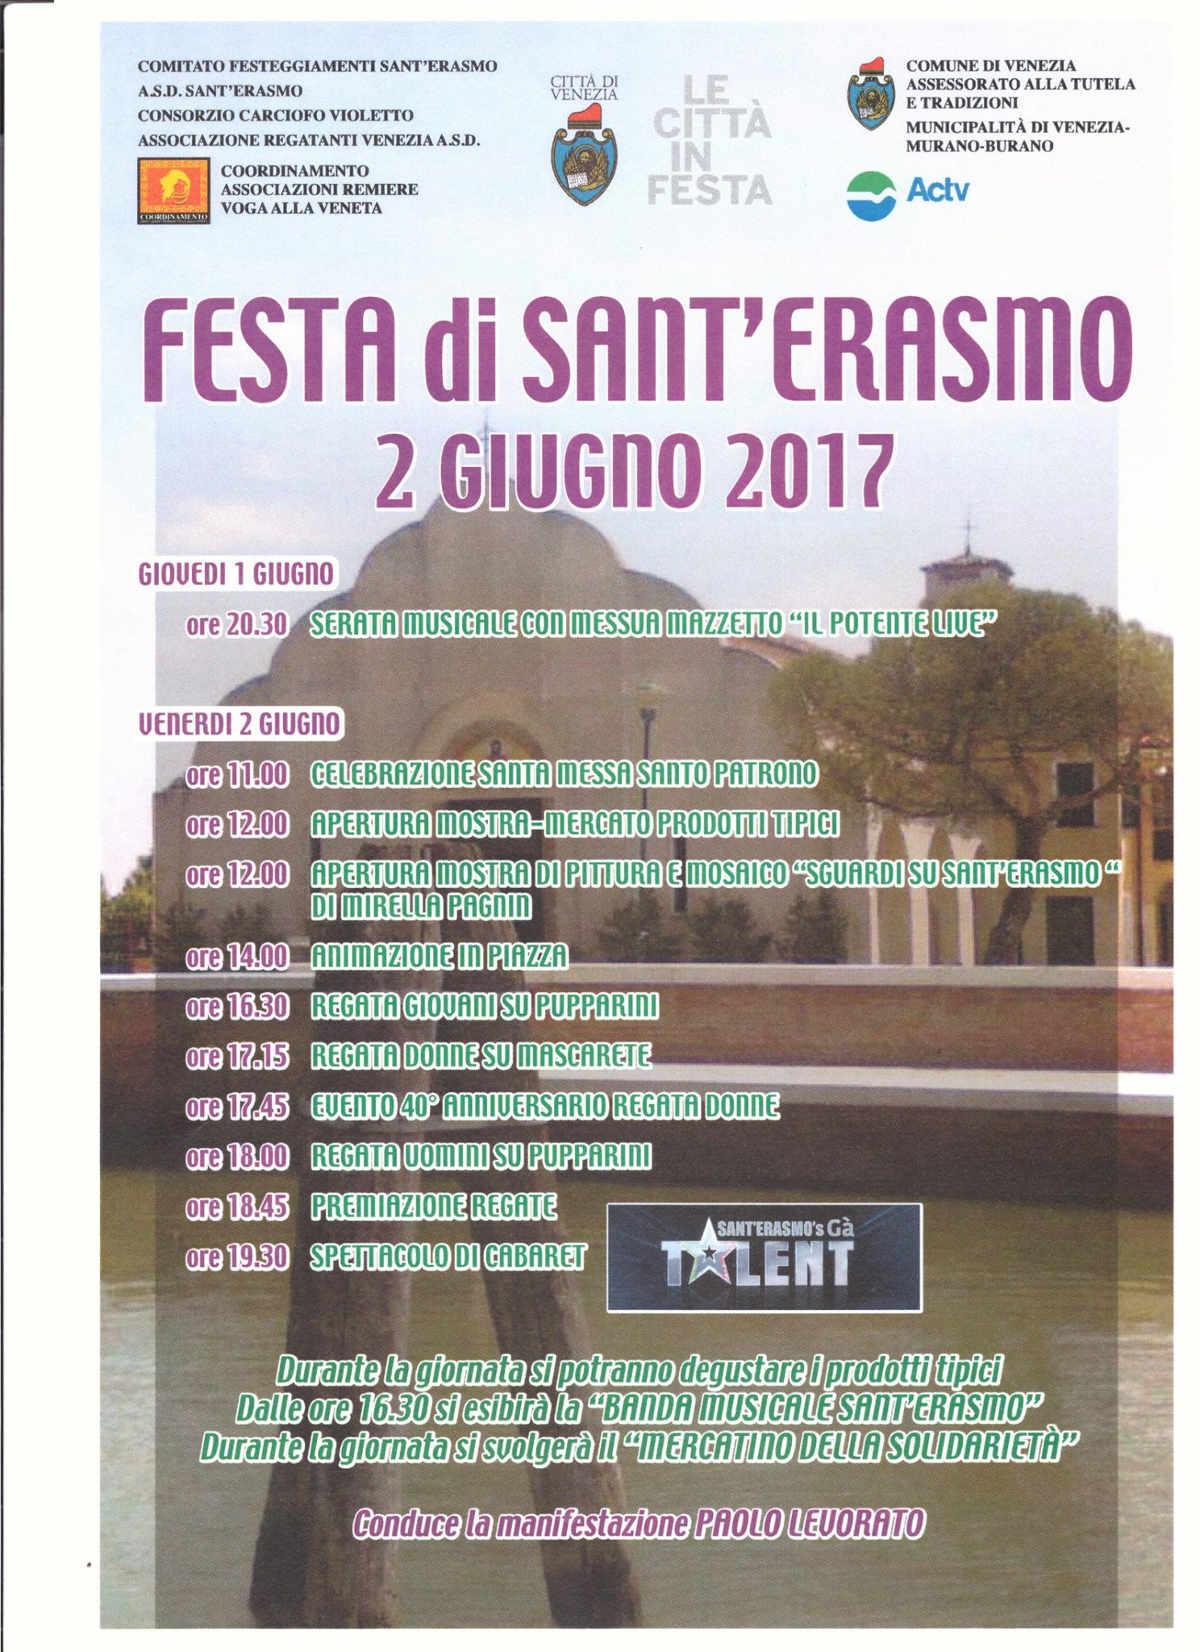 Schedule of the Sant'Erasmo's festival near Venice